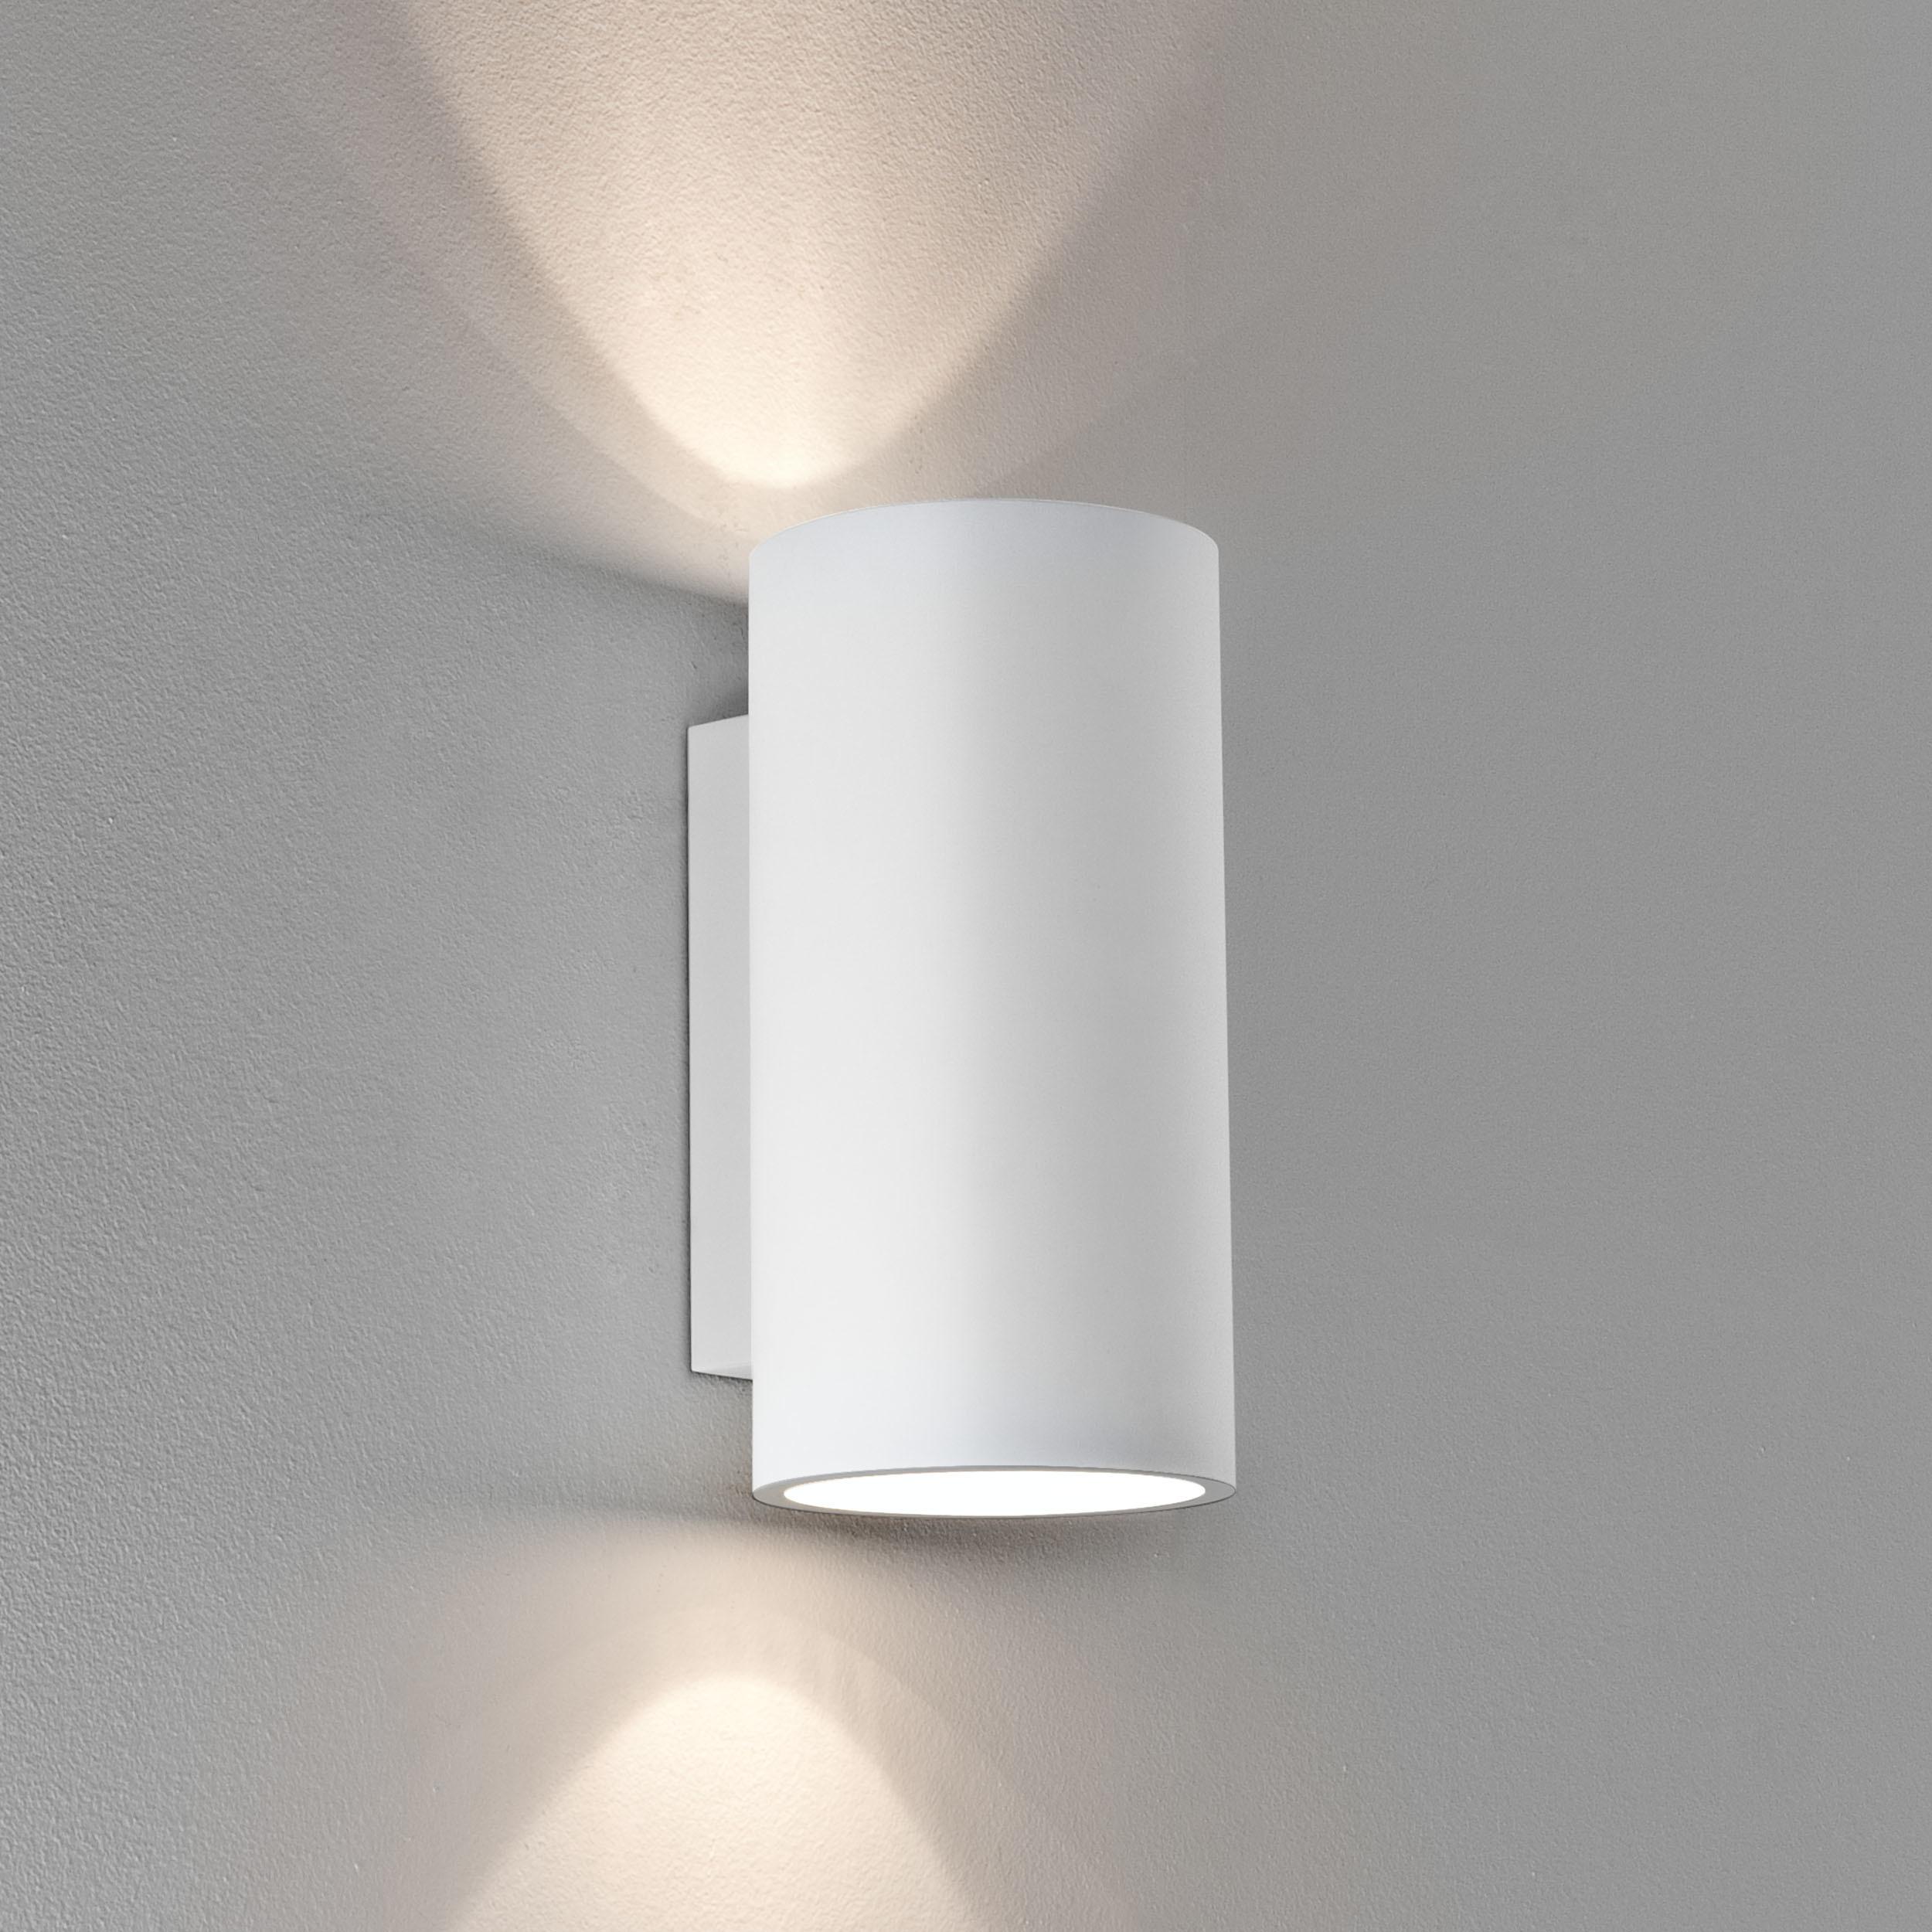 Настенный светильник Astro Bologna 1287002, 2xGU10x50W, белый, под покраску, гипс - фото 1